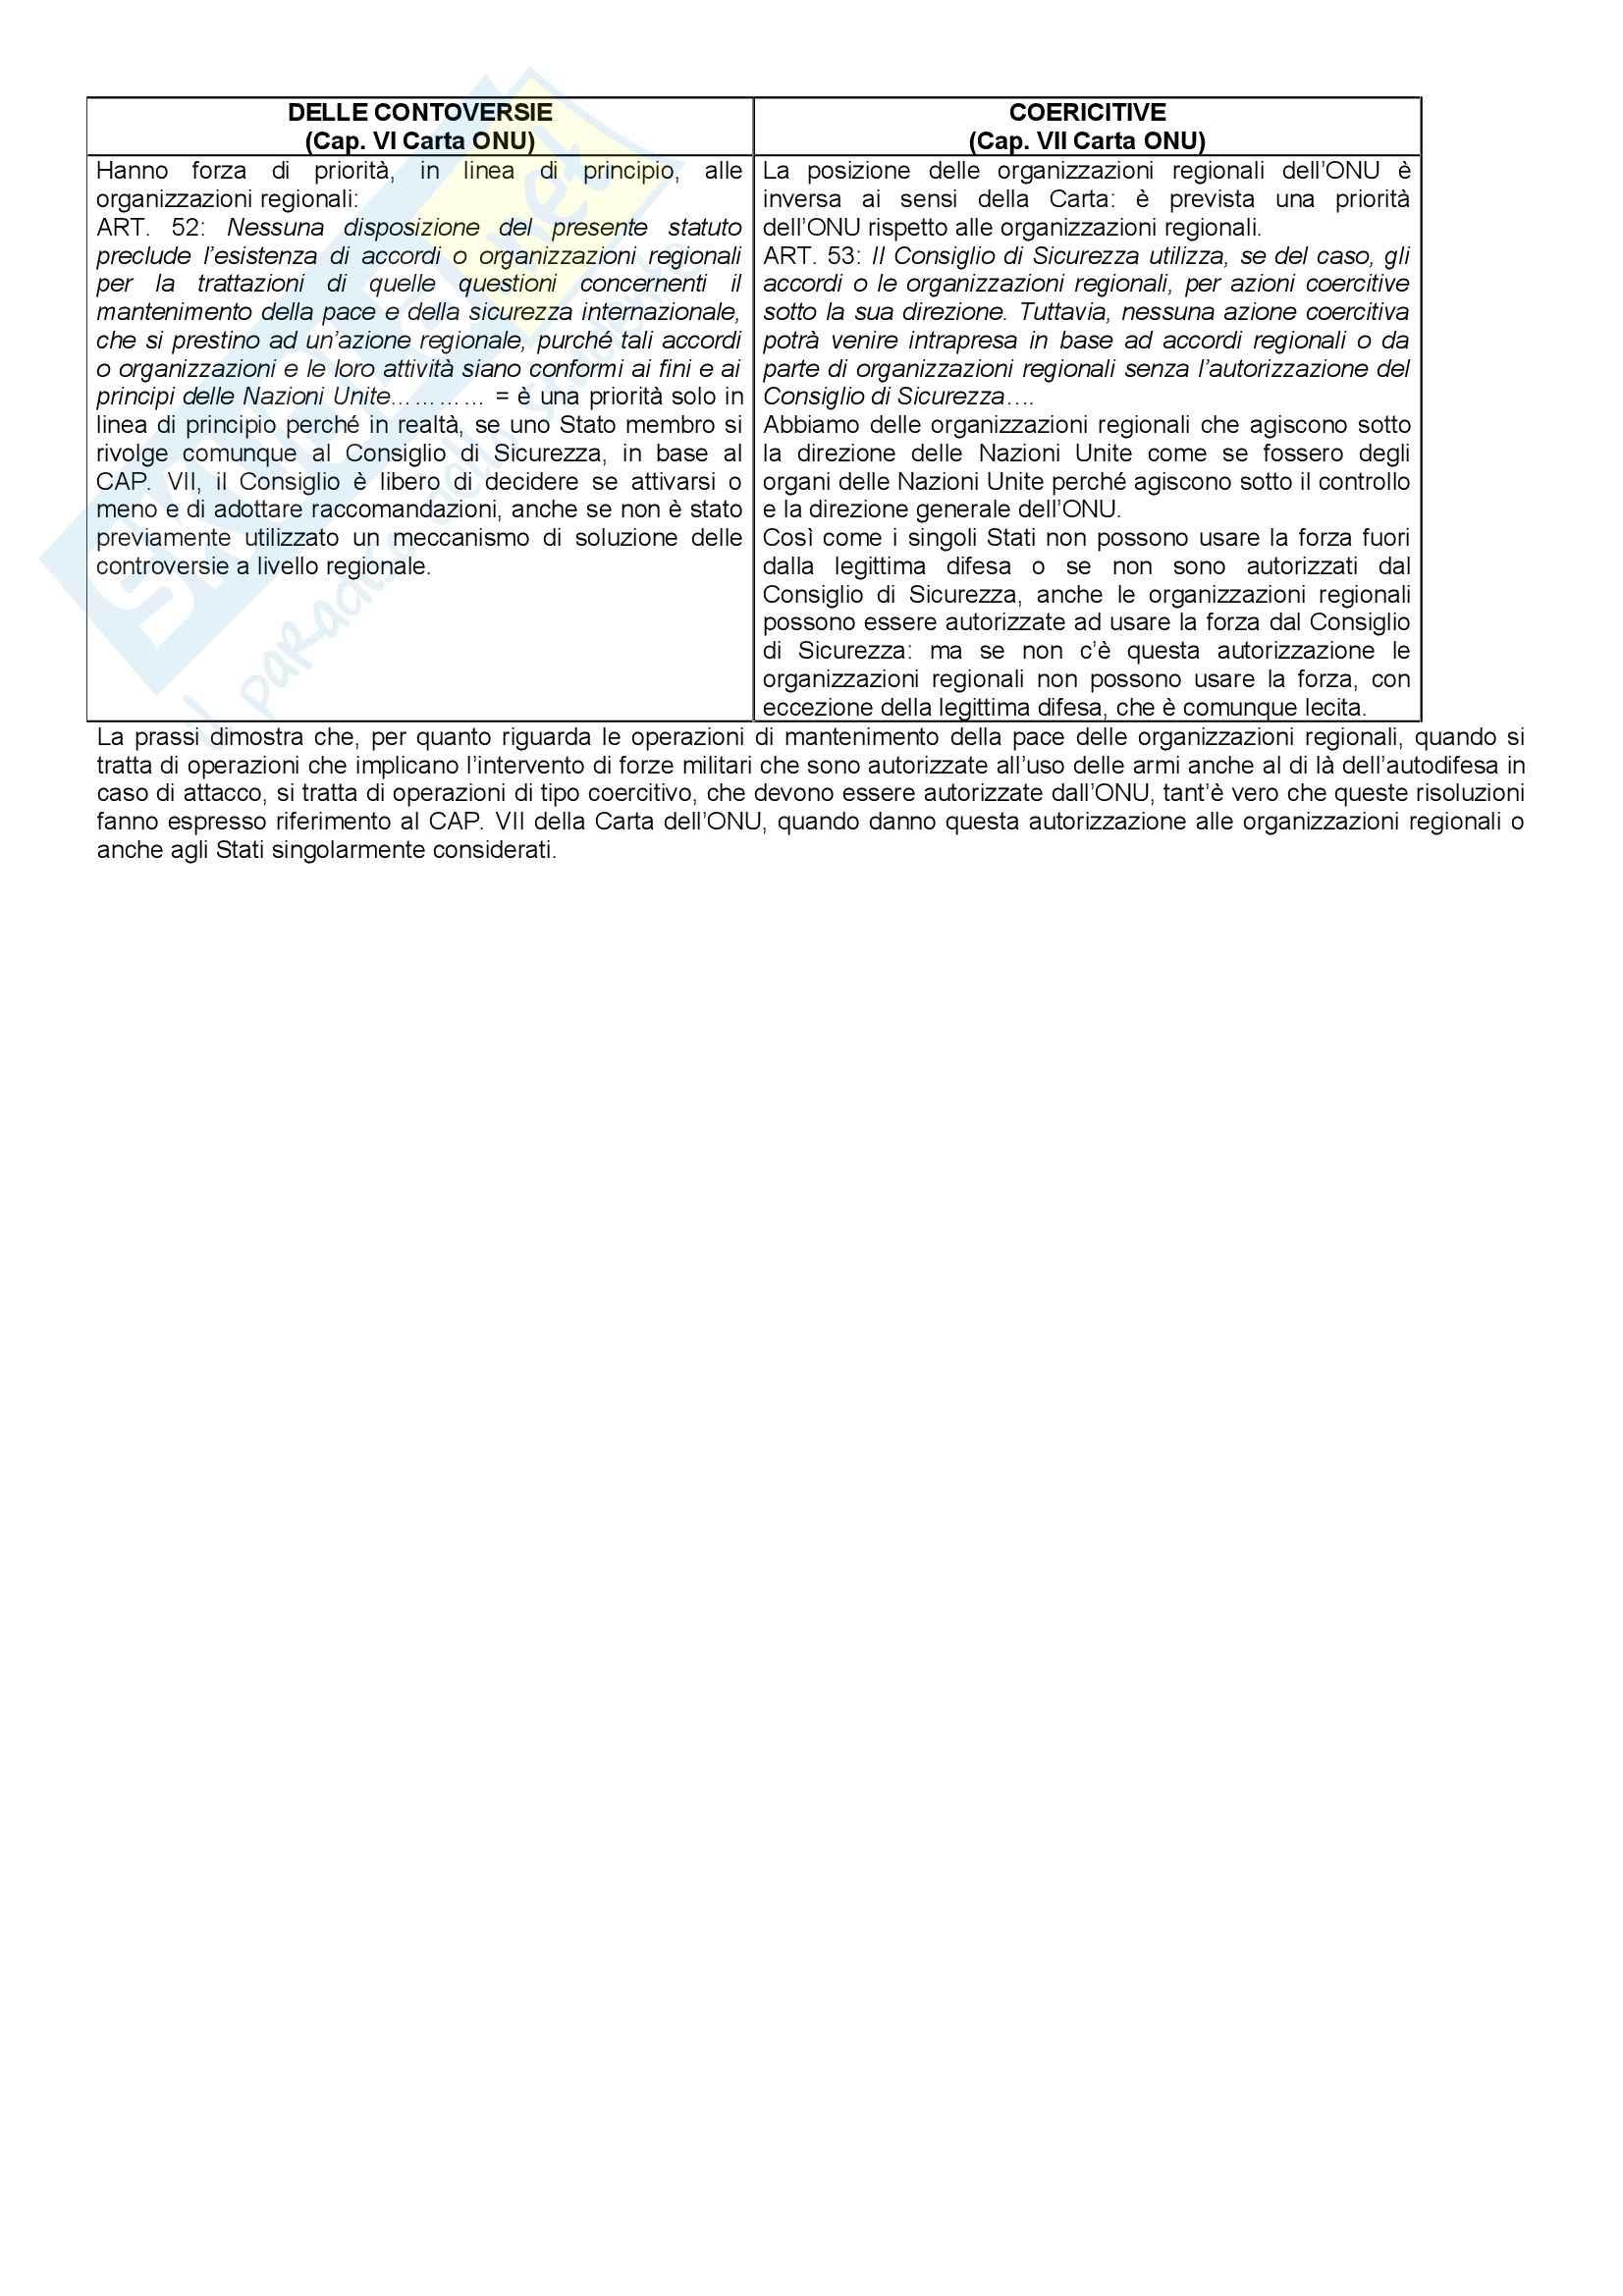 Diritto internazionale - funzione di attuazione coercitiva Pag. 16